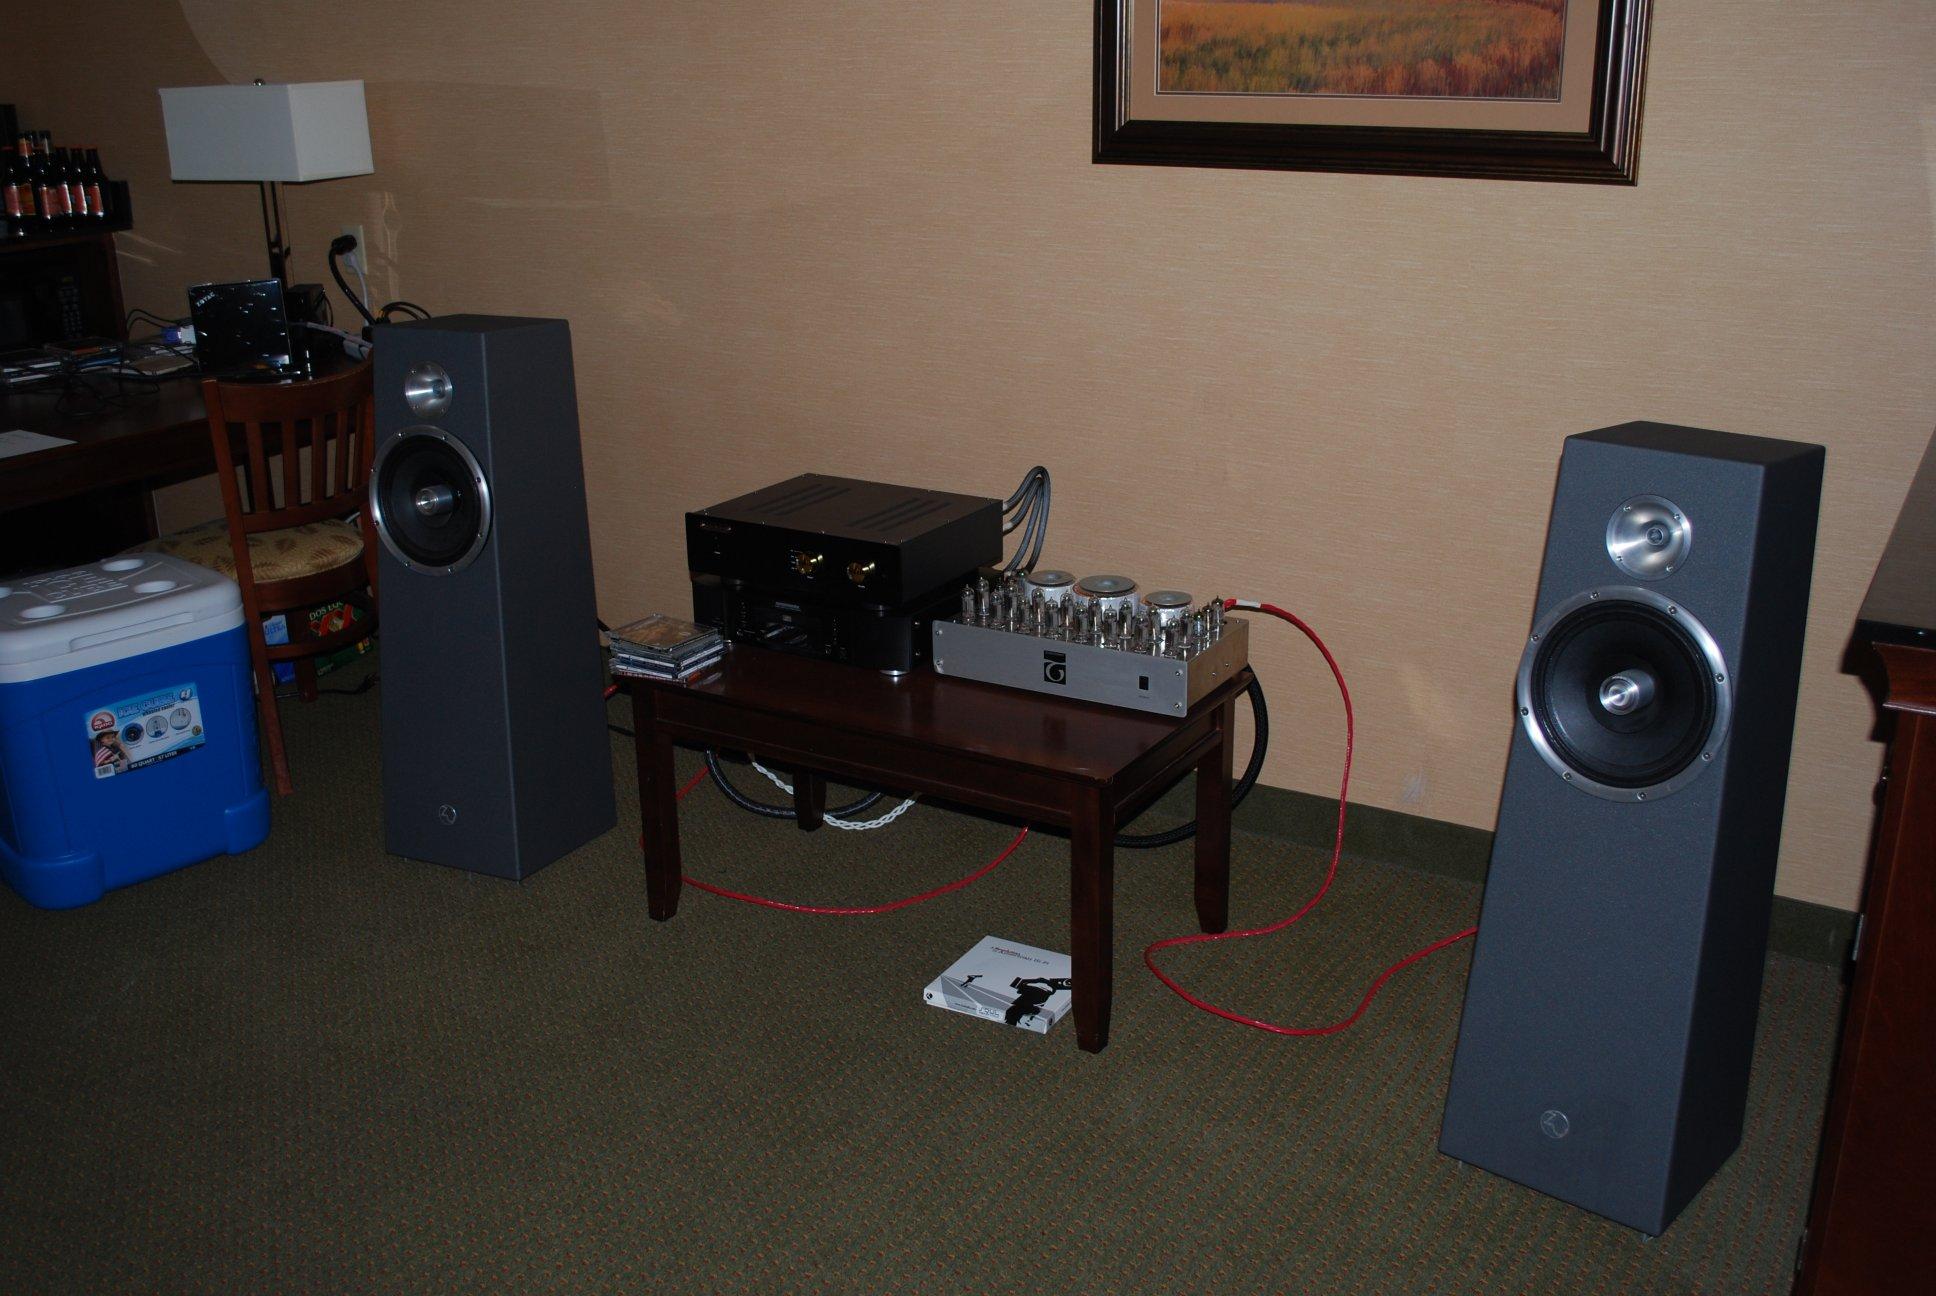 http://lonestaraudiofest.com/2012/Photos/DSC_0033.JPG